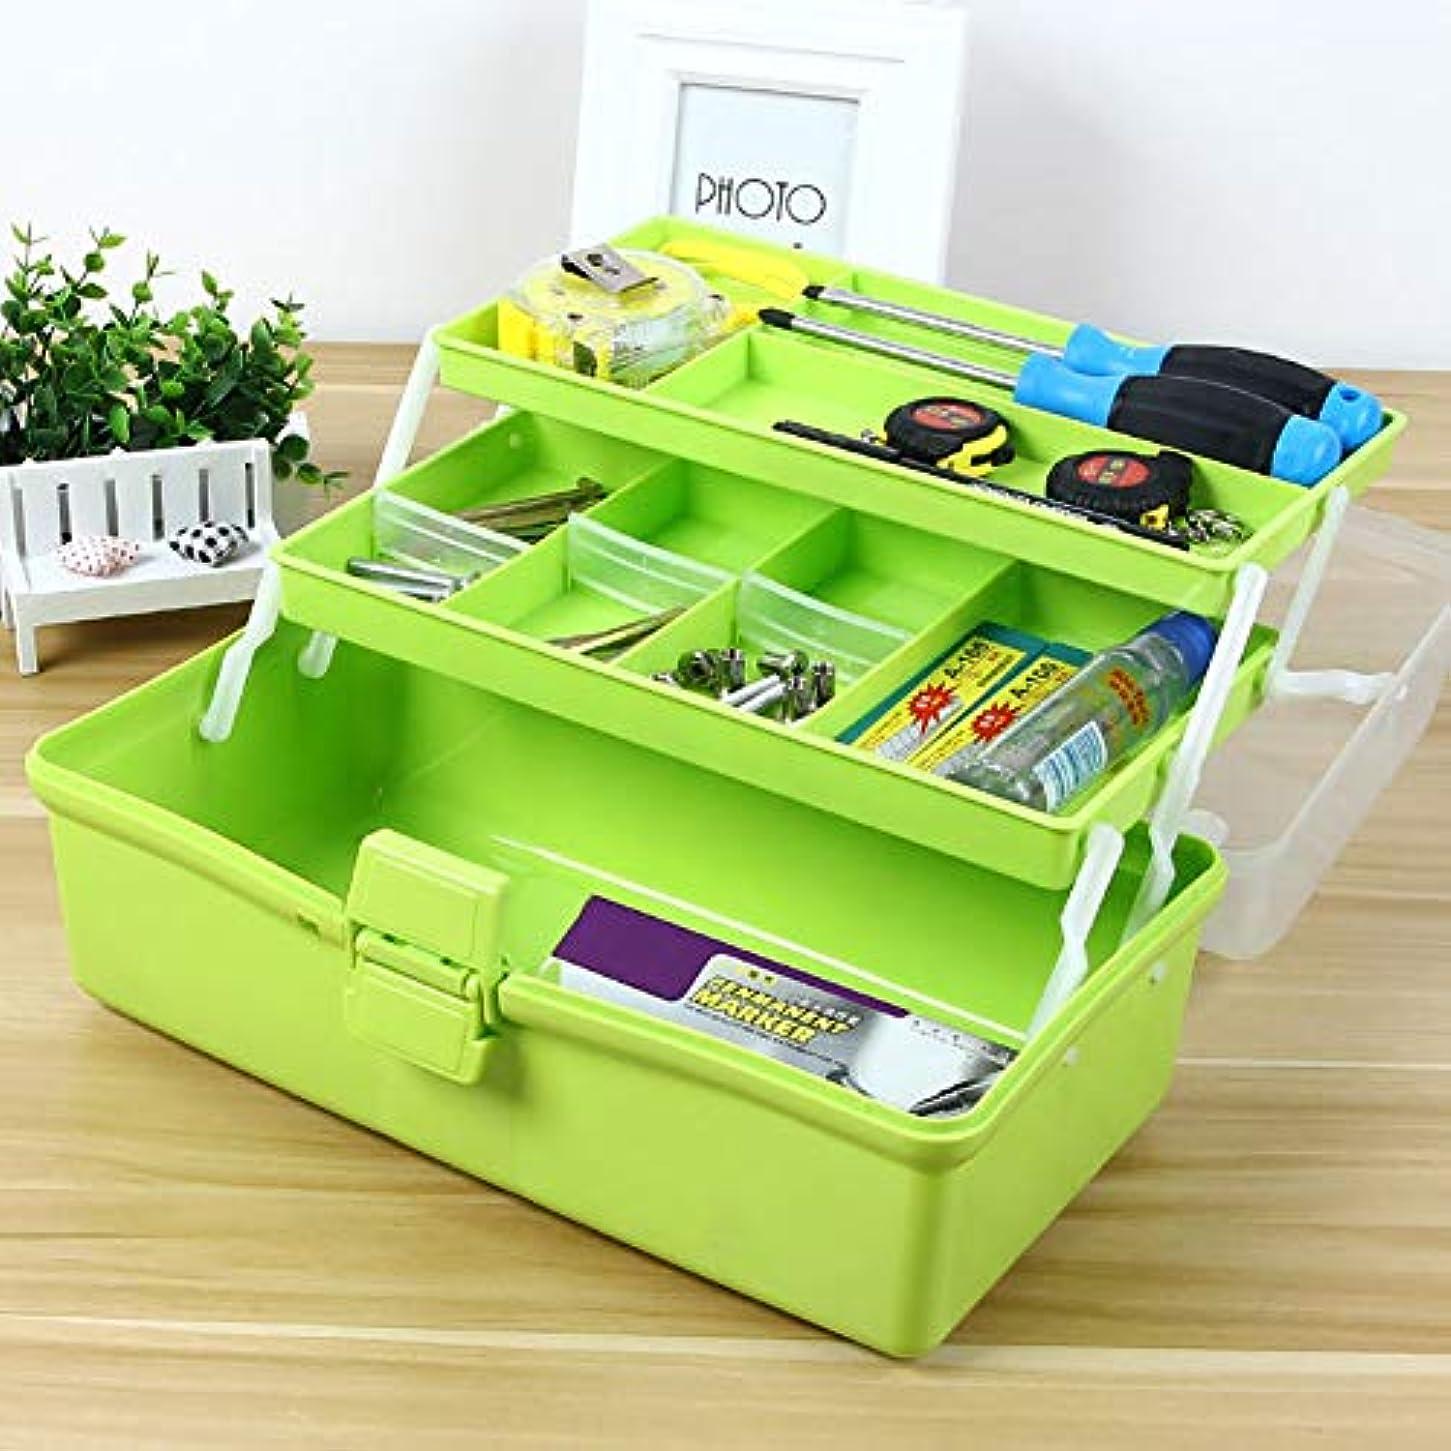 フレッシュ割るチームwangten 薬箱 薬 収納ケース 道具箱 救急箱 応急ボックス ドラッグケース